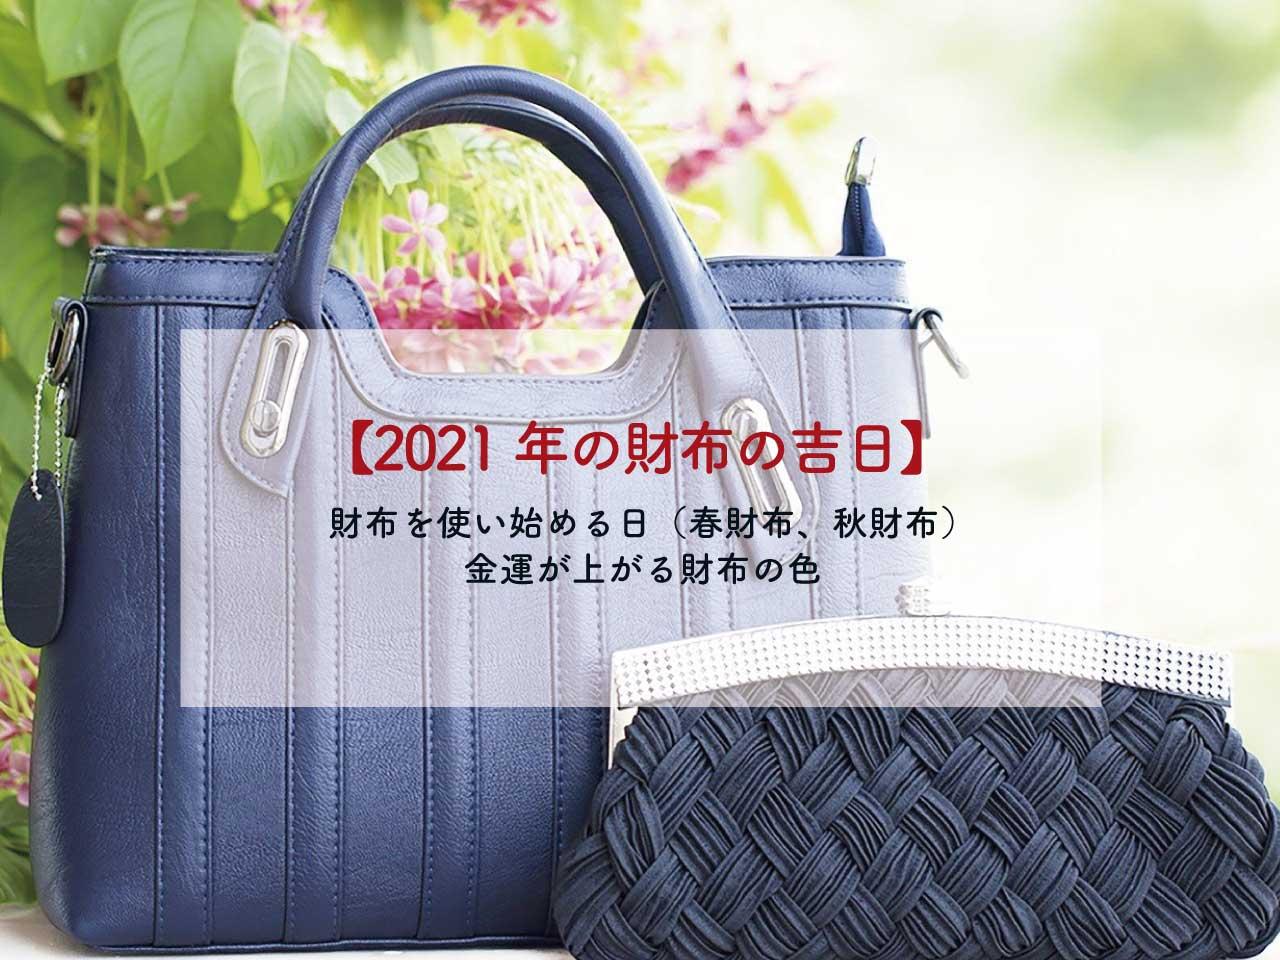 【2021年の財布の吉日】財布を使い始める日(春財布、秋財布)、金運が上がる財布の色